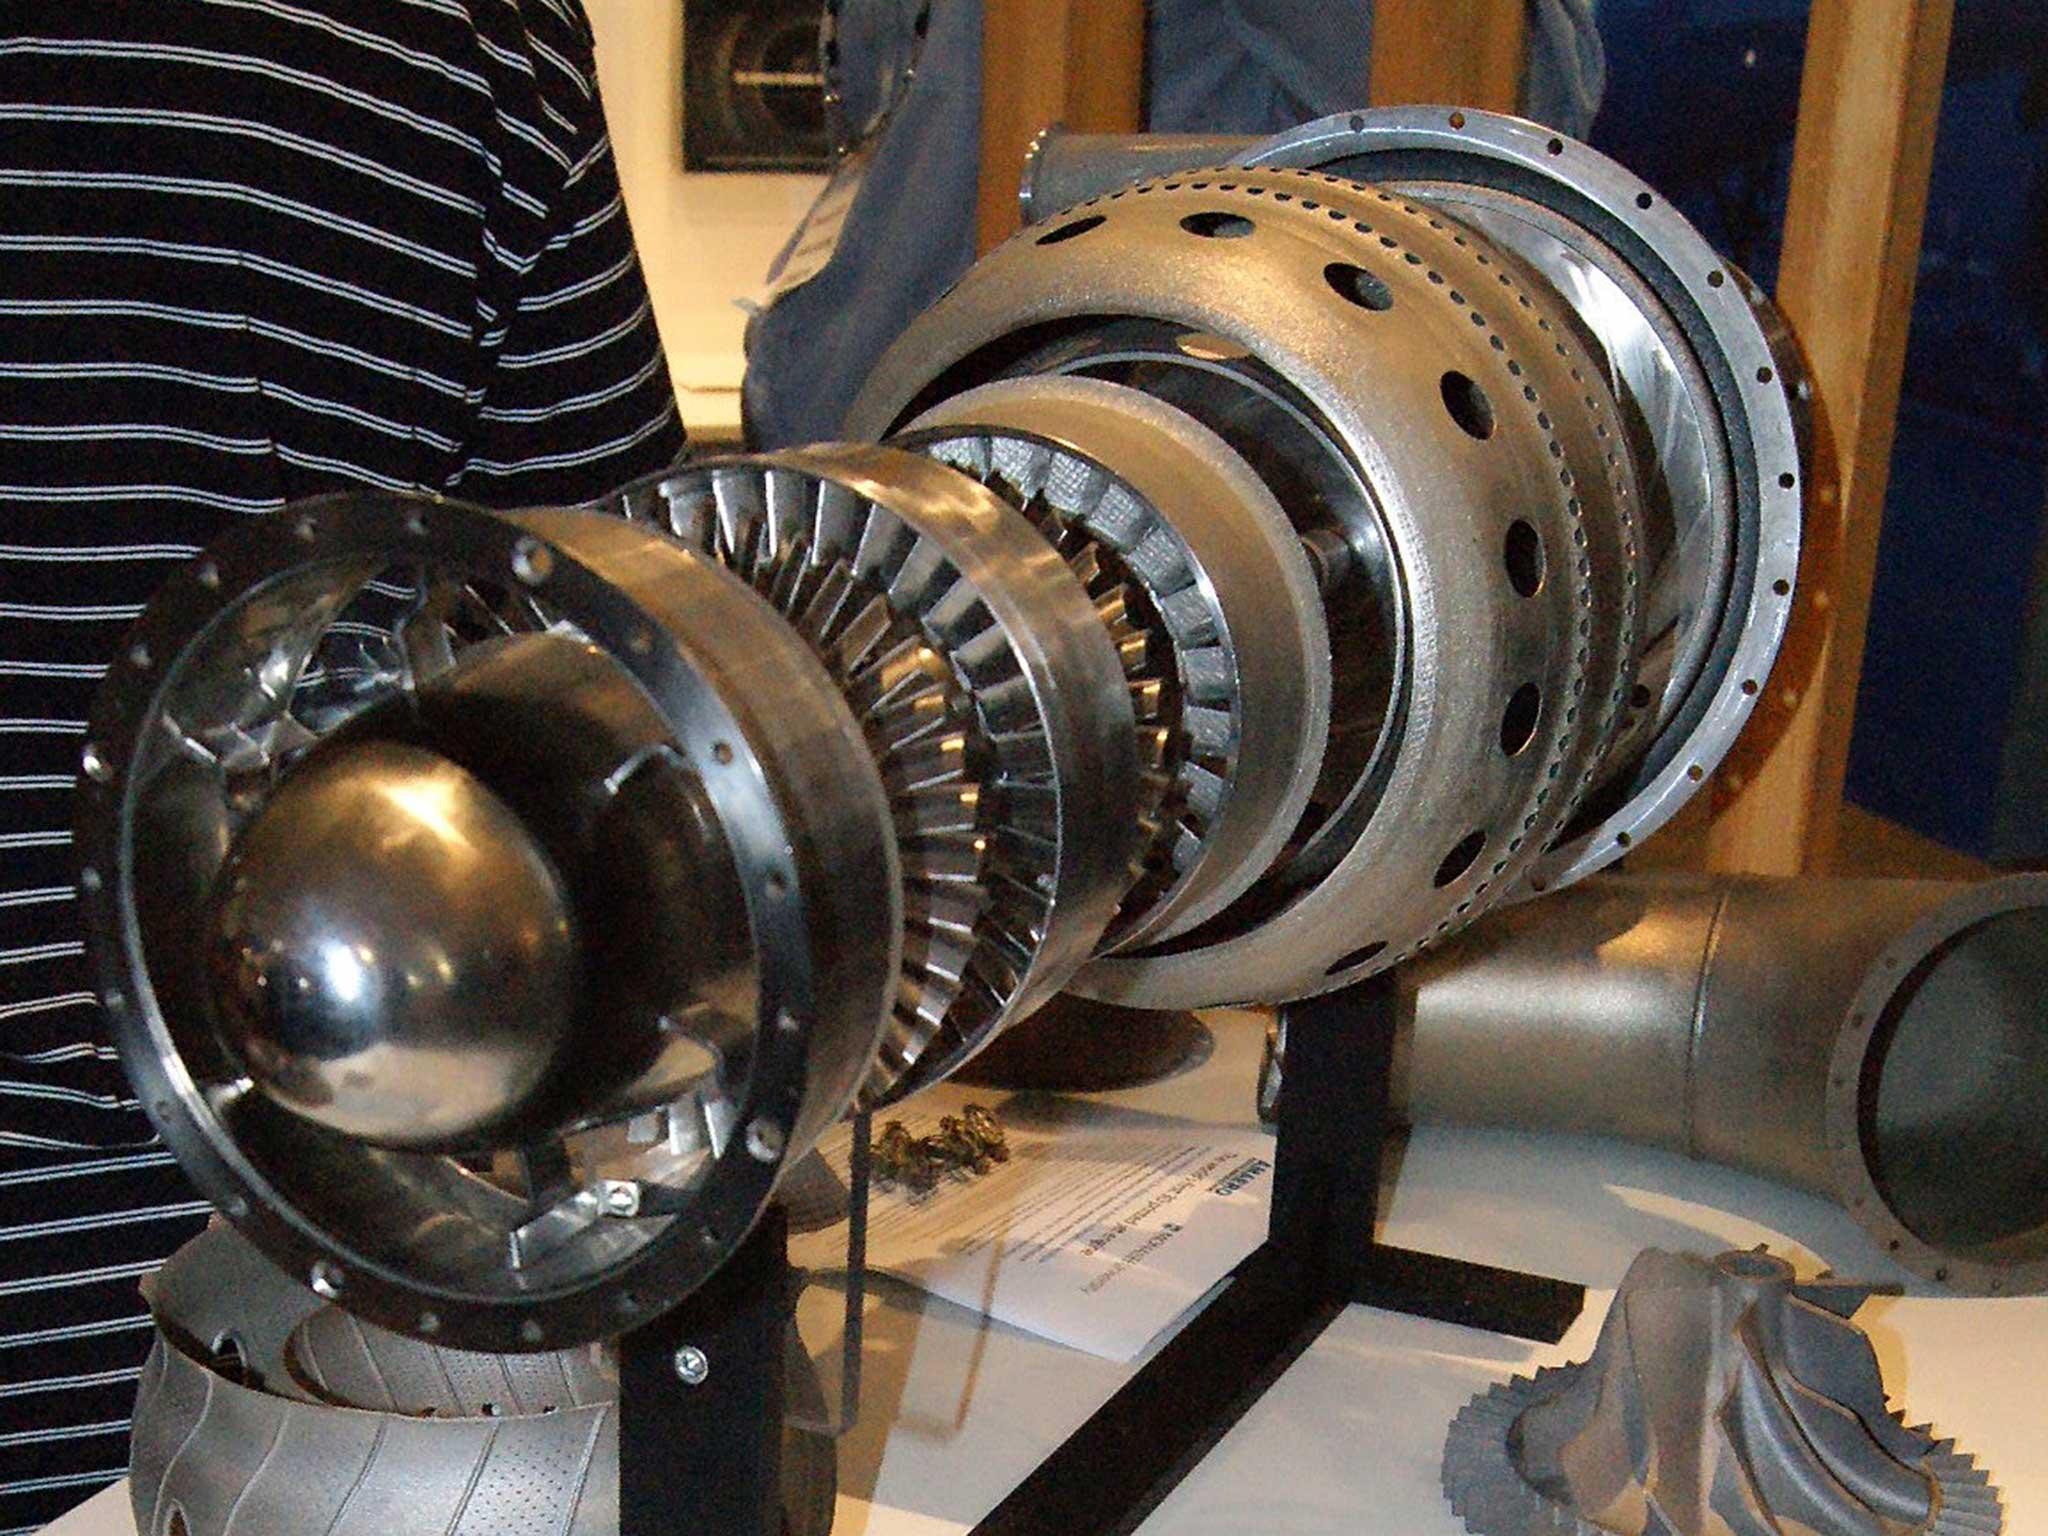 3D Printer Creates Jet Engine In World First